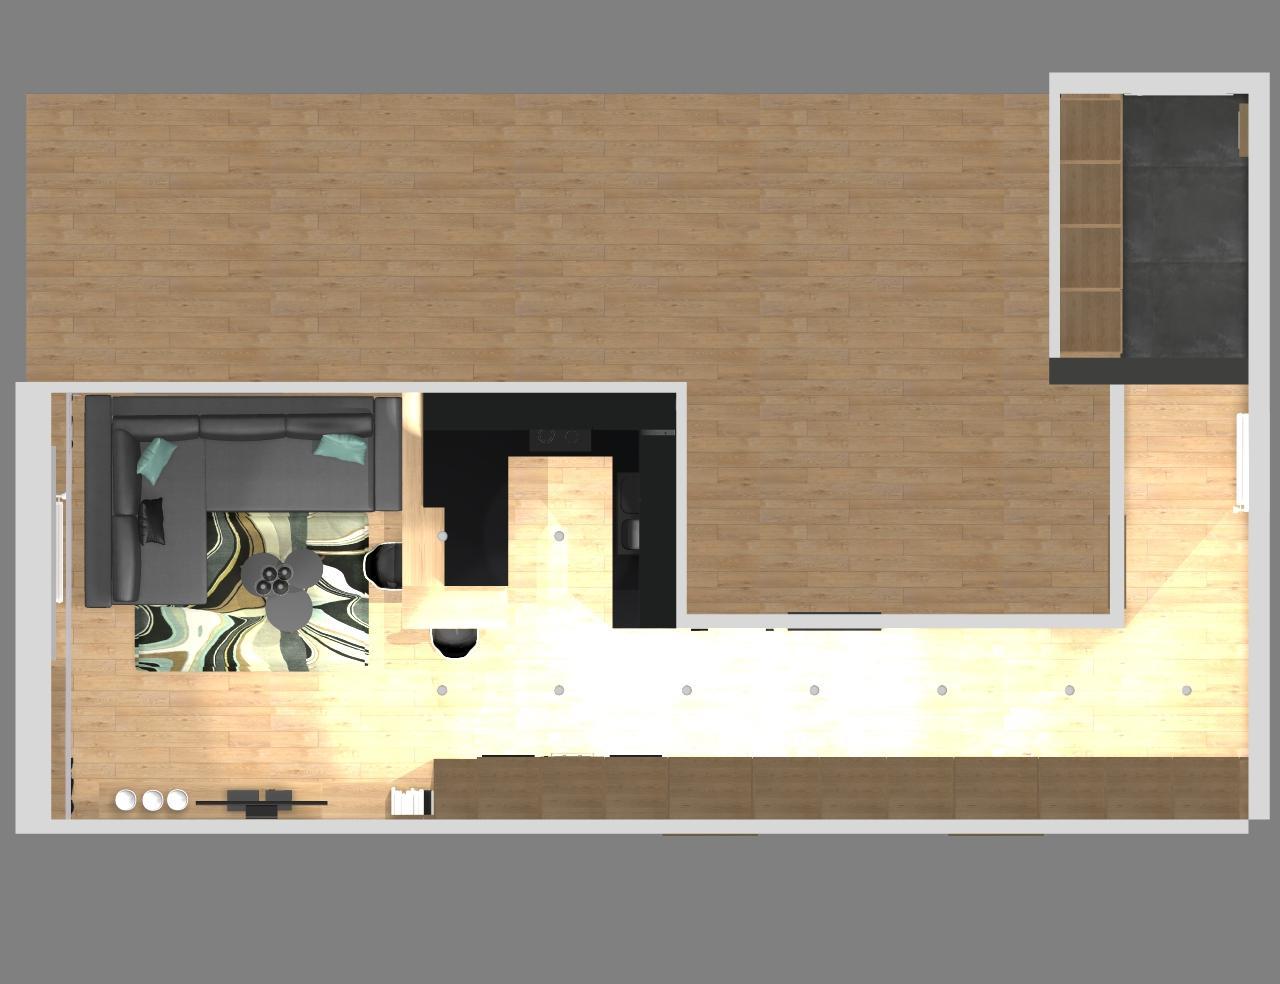 Grafické návrhy bytov - Zariadenie trojizbového bytu v BB - pôdorys kuchyňa s obývačkou, prechodová a vstupná chodba